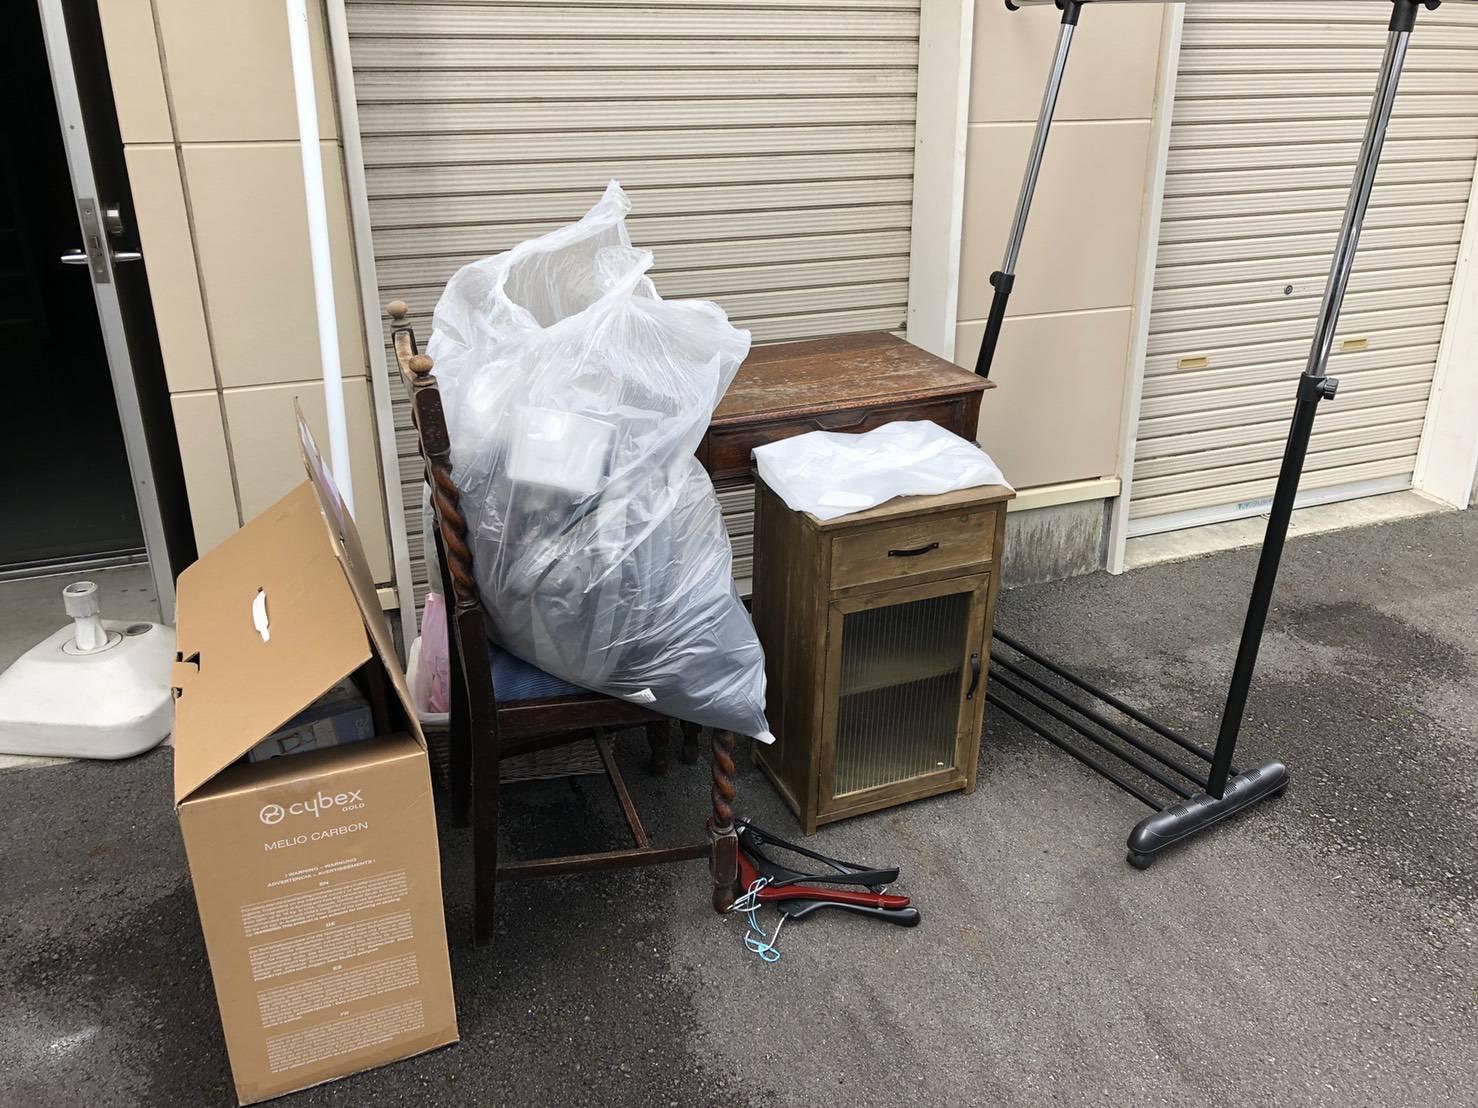 椅子、テーブル、ハンガーラックの回収前